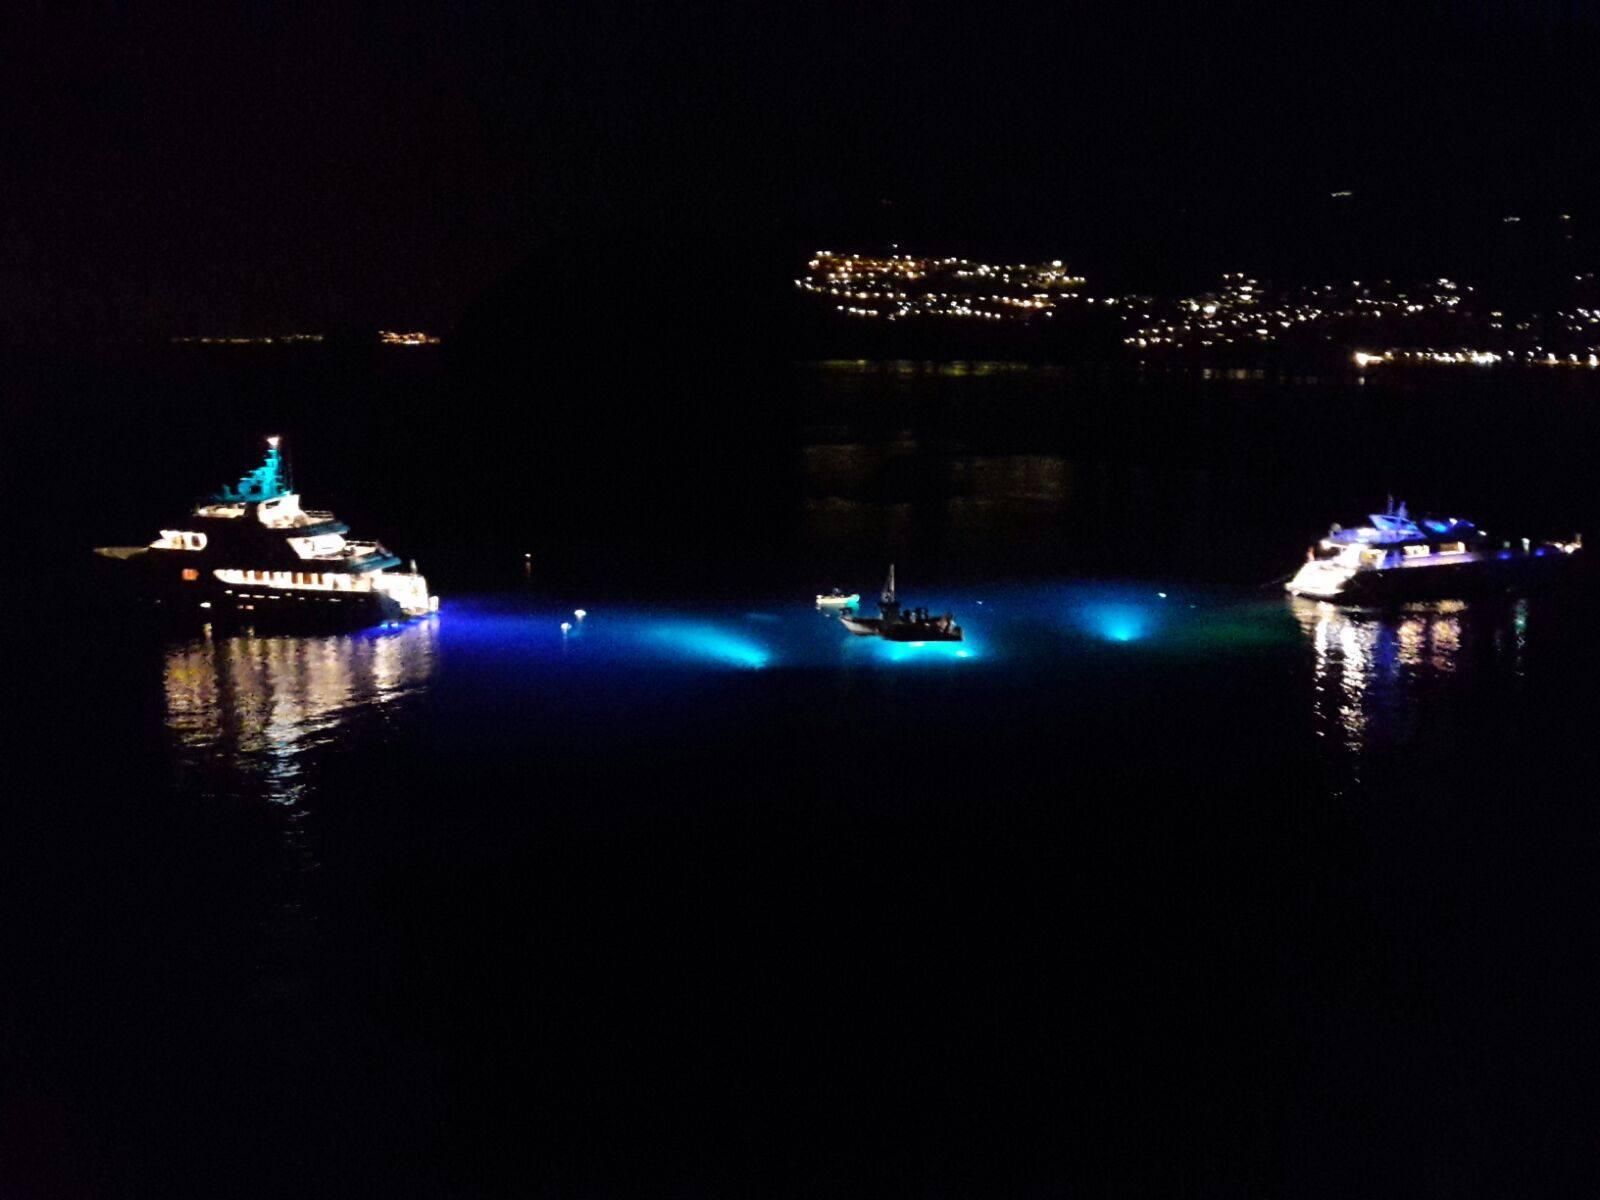 Un programa de aventuras de la MTV de Estados Unidos elige el puerto Marina del Este como escenario